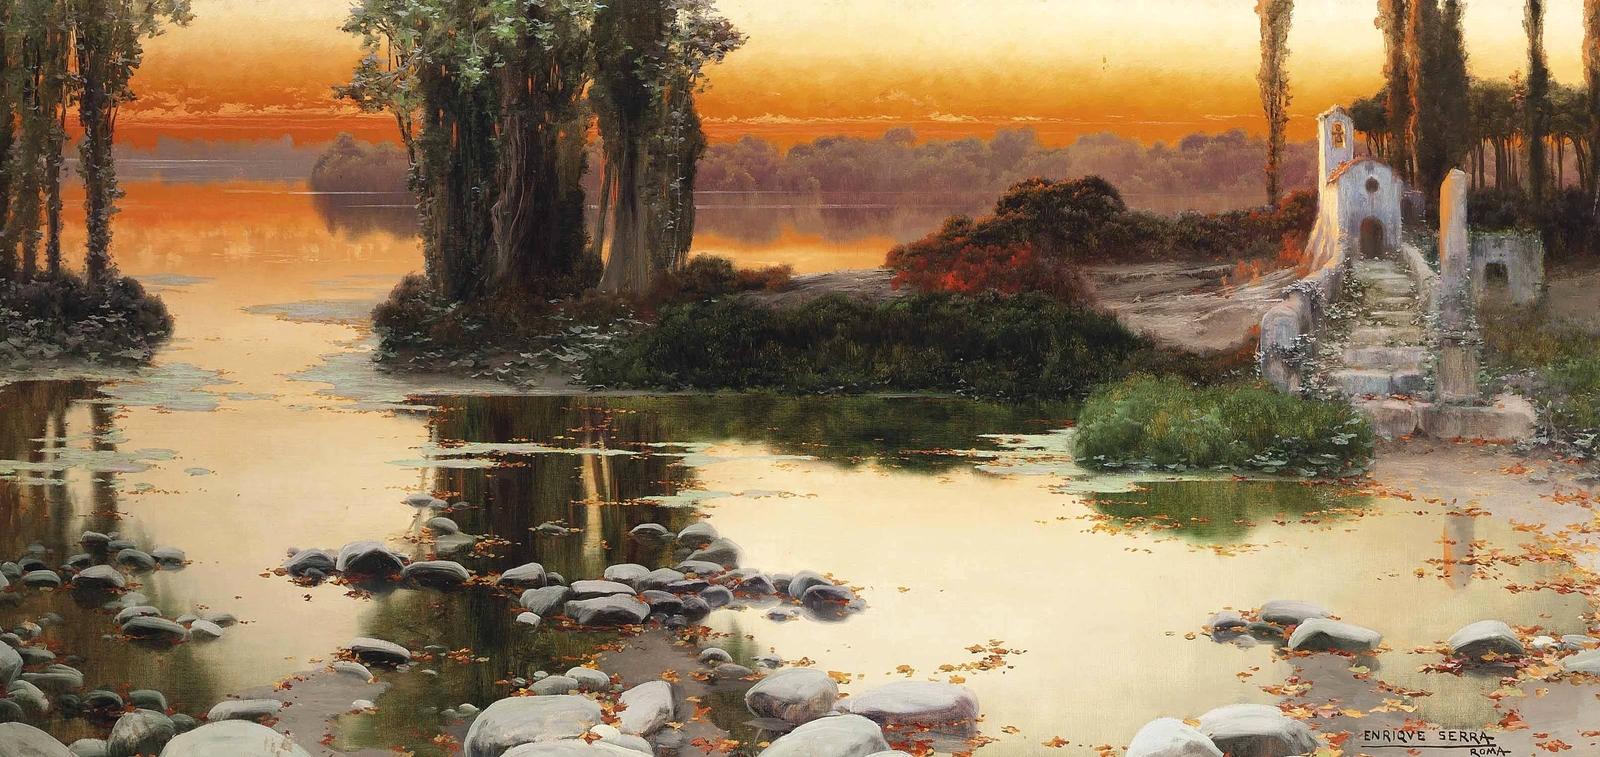 Enrique  Serra  y  Auque  Sunset  over  a  lake